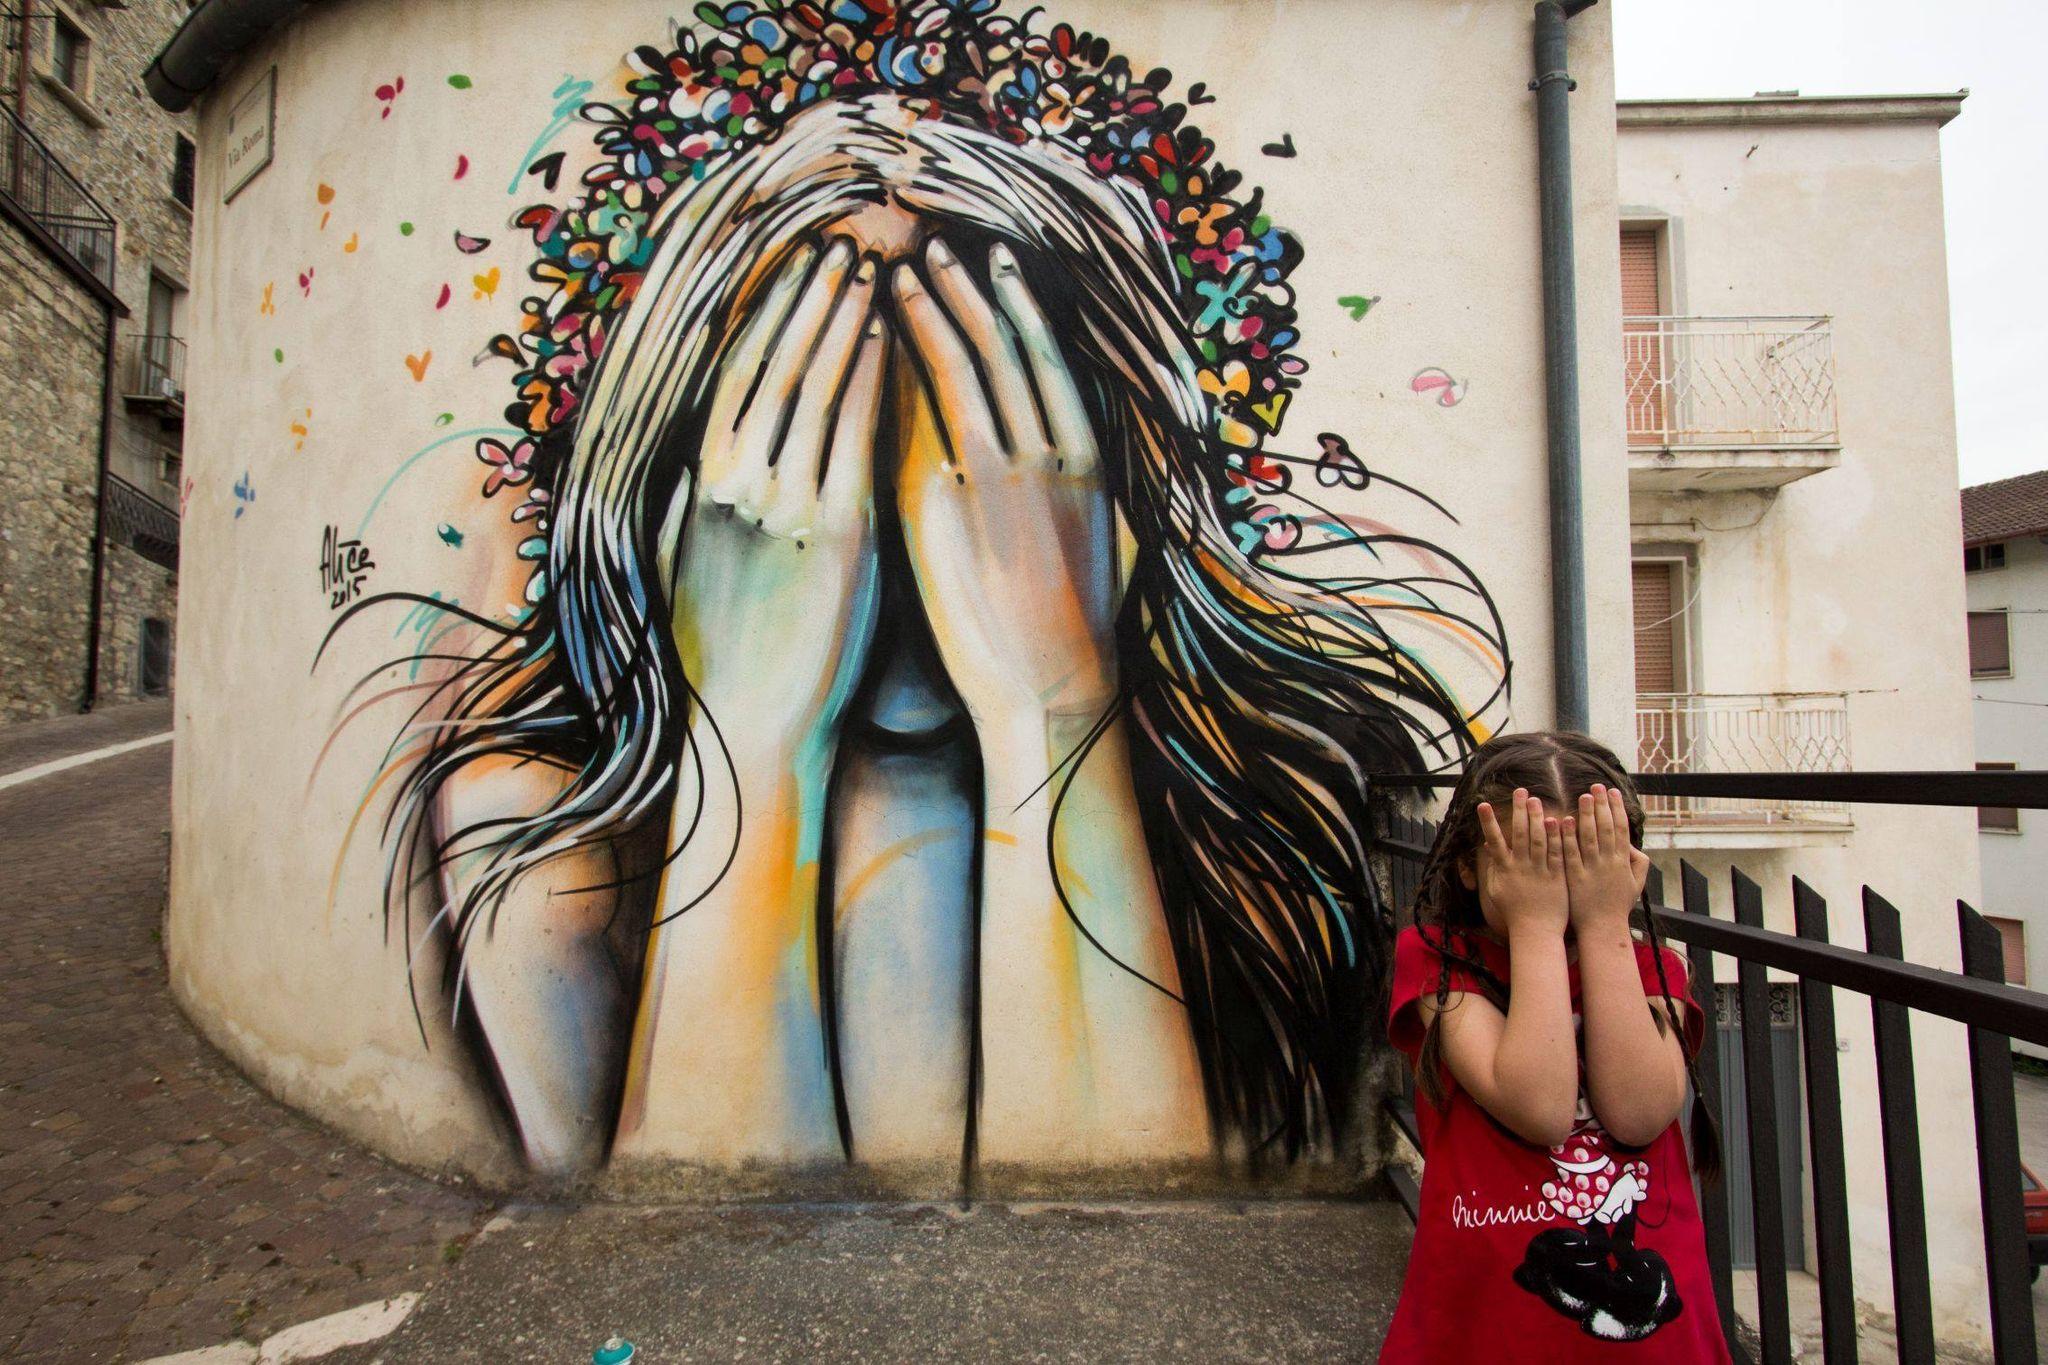 Rischia la distruzione il famoso murale di Civitacampomarano, in Molise